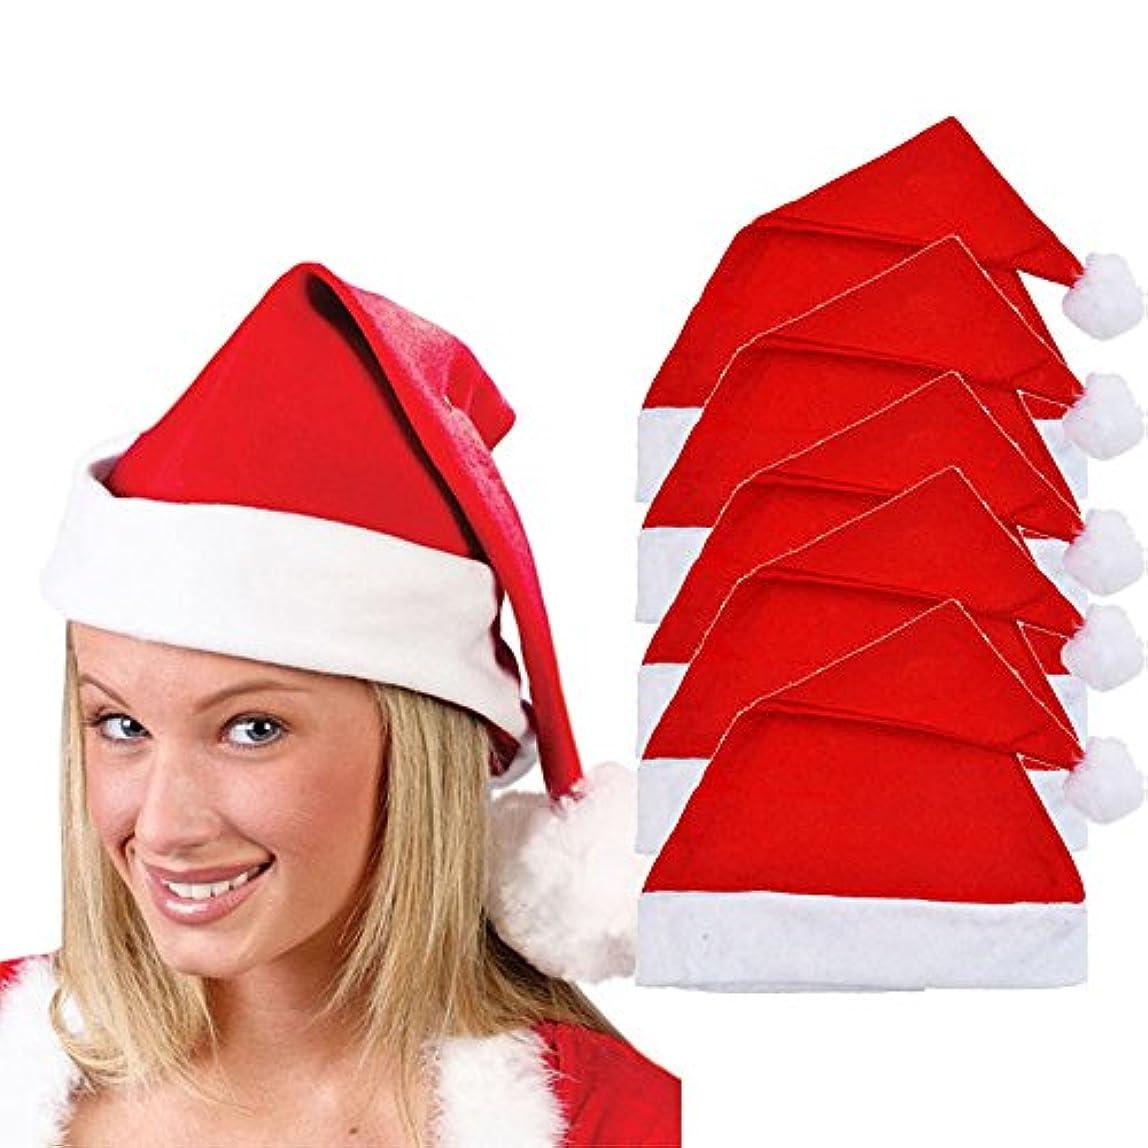 血まみれの遅らせるライオンRacazing クリスマスハット 5つの レッド Hat ライト ドームキャップ 防寒対策 通気性のある 防風 ニット帽 暖かい 軽量 屋外 スキー 自転車 クリスマス 男女兼用 Christmas Cap